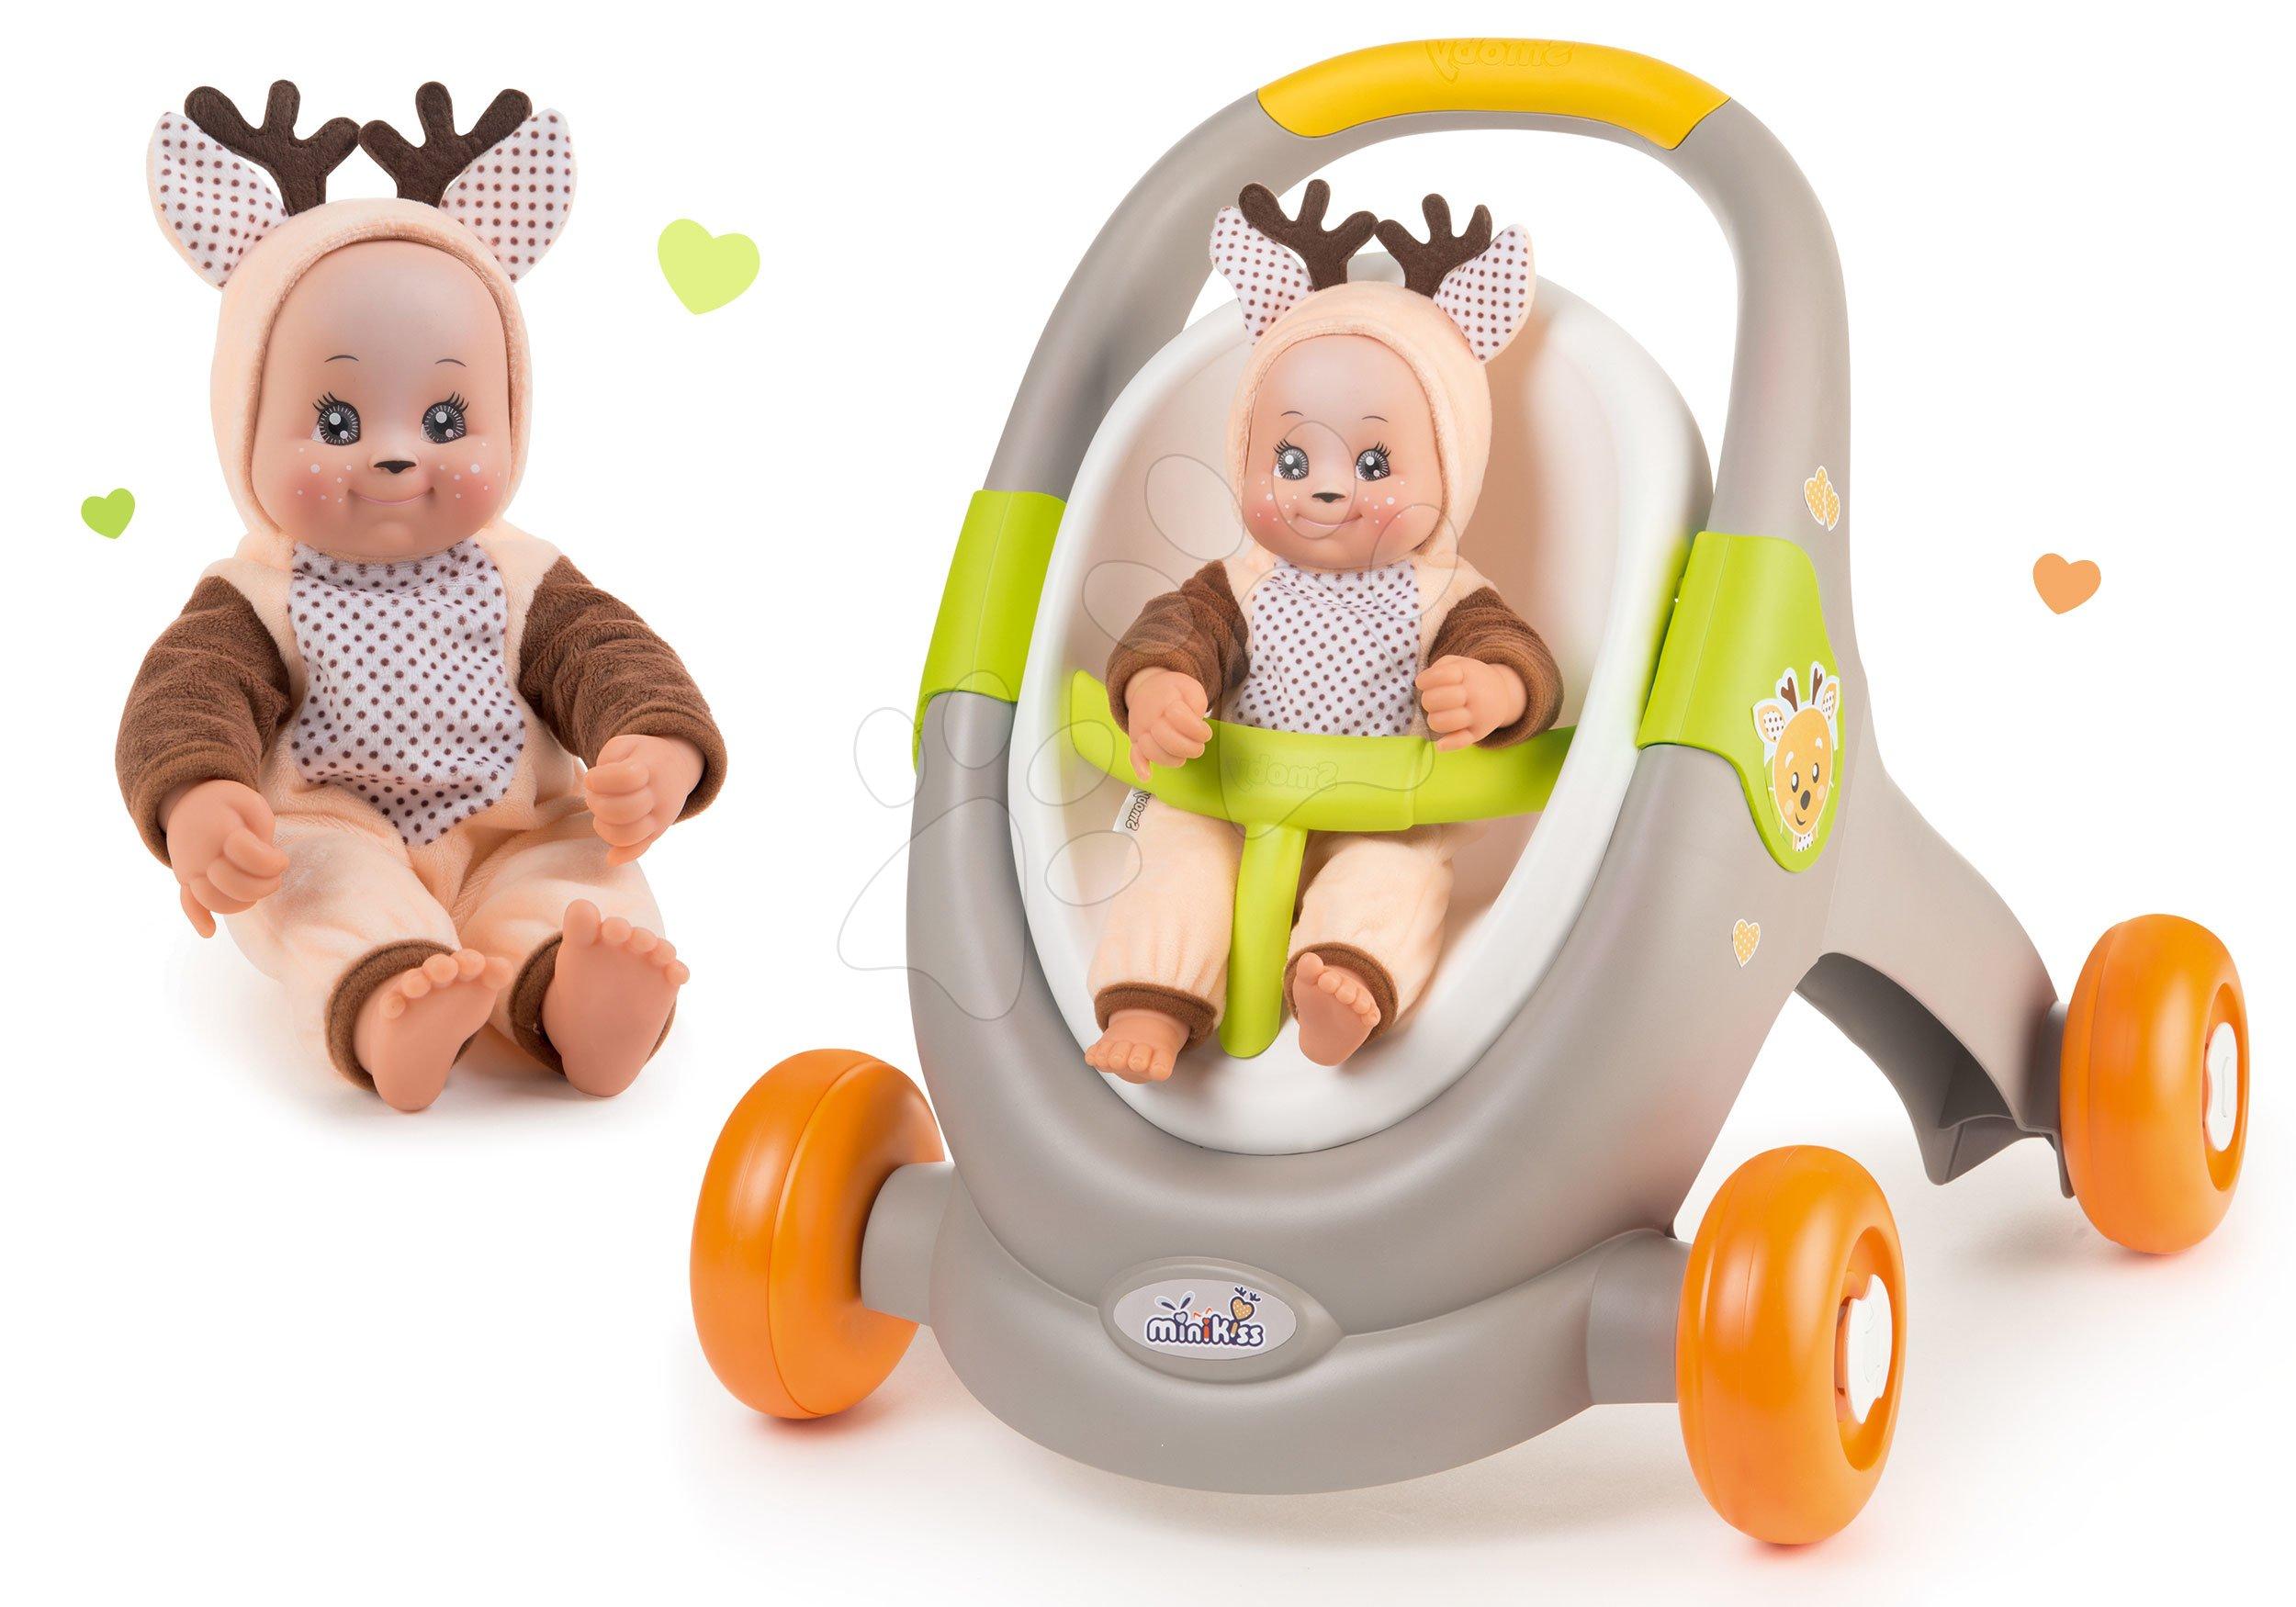 Set chodítko a kočík s autosedačkou zvieratká Animal Minikiss 3v1 Smoby s brzdou a bábika Srnček Lesné Zvieratká so zvukom